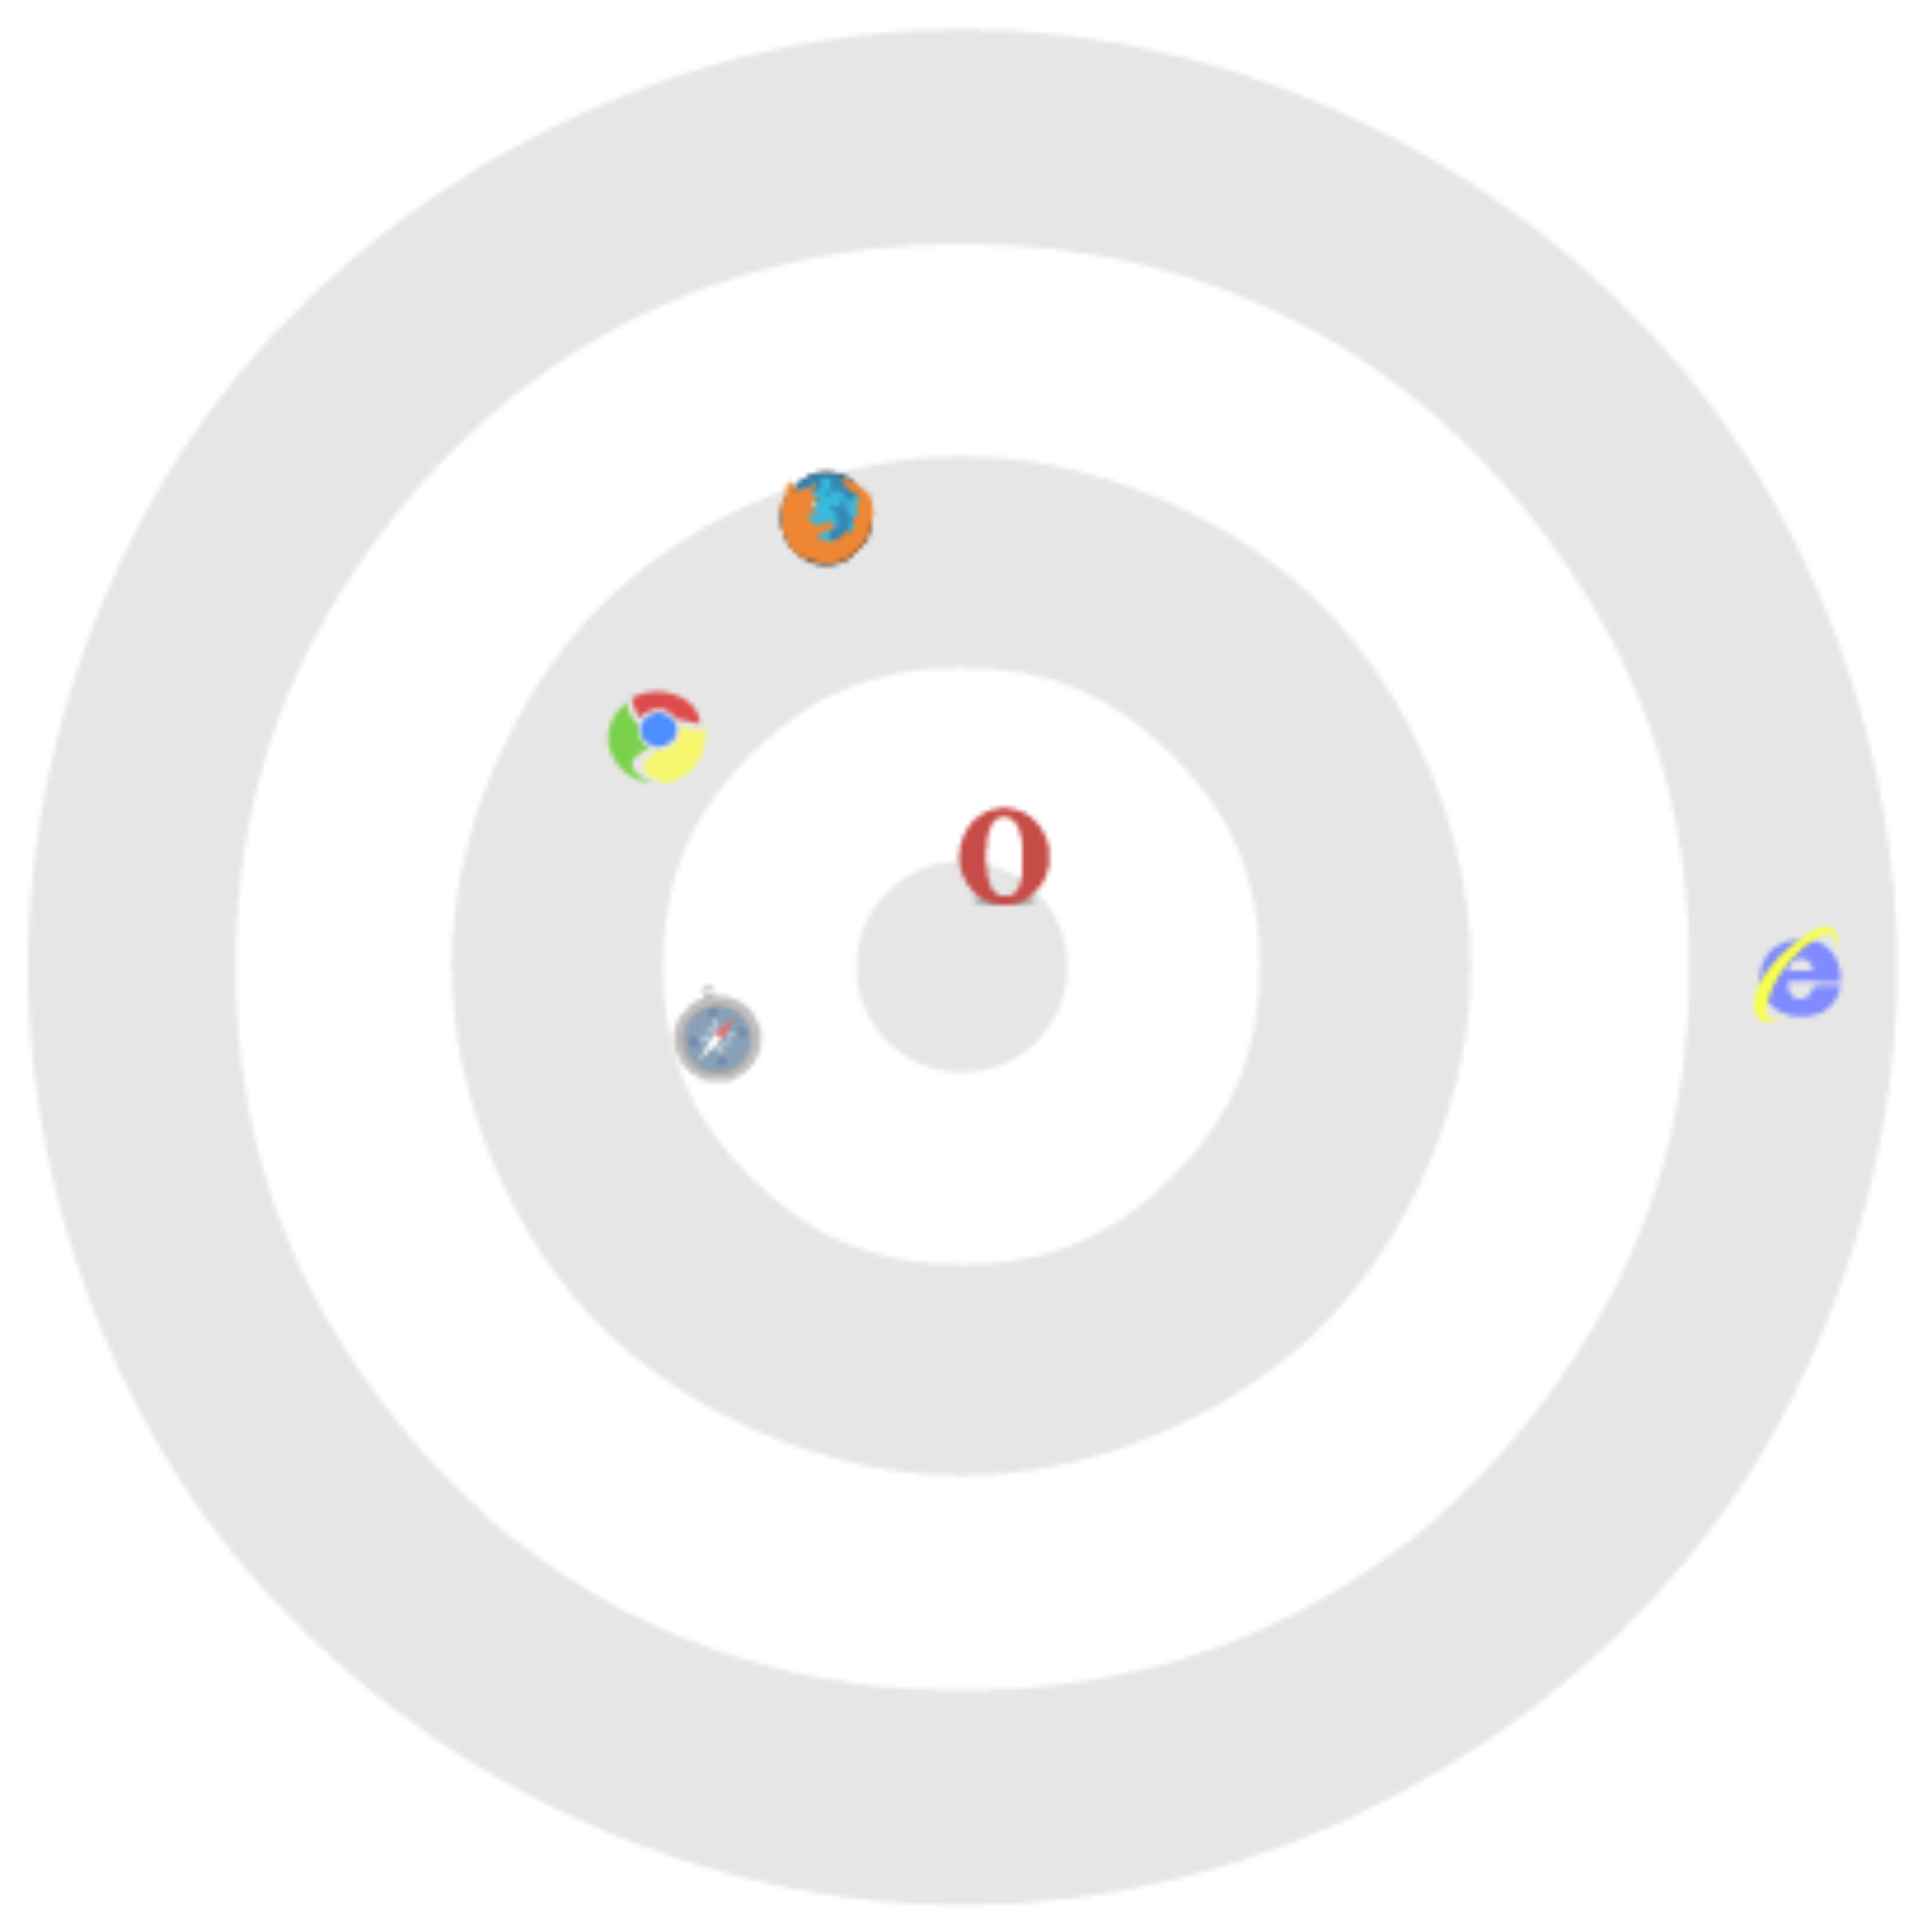 Diagrammet viser resultatene til ulike nettlesere i Googles Sputnik-test i mars 2010. De beste resultatene gir en plassering nærmest midten.